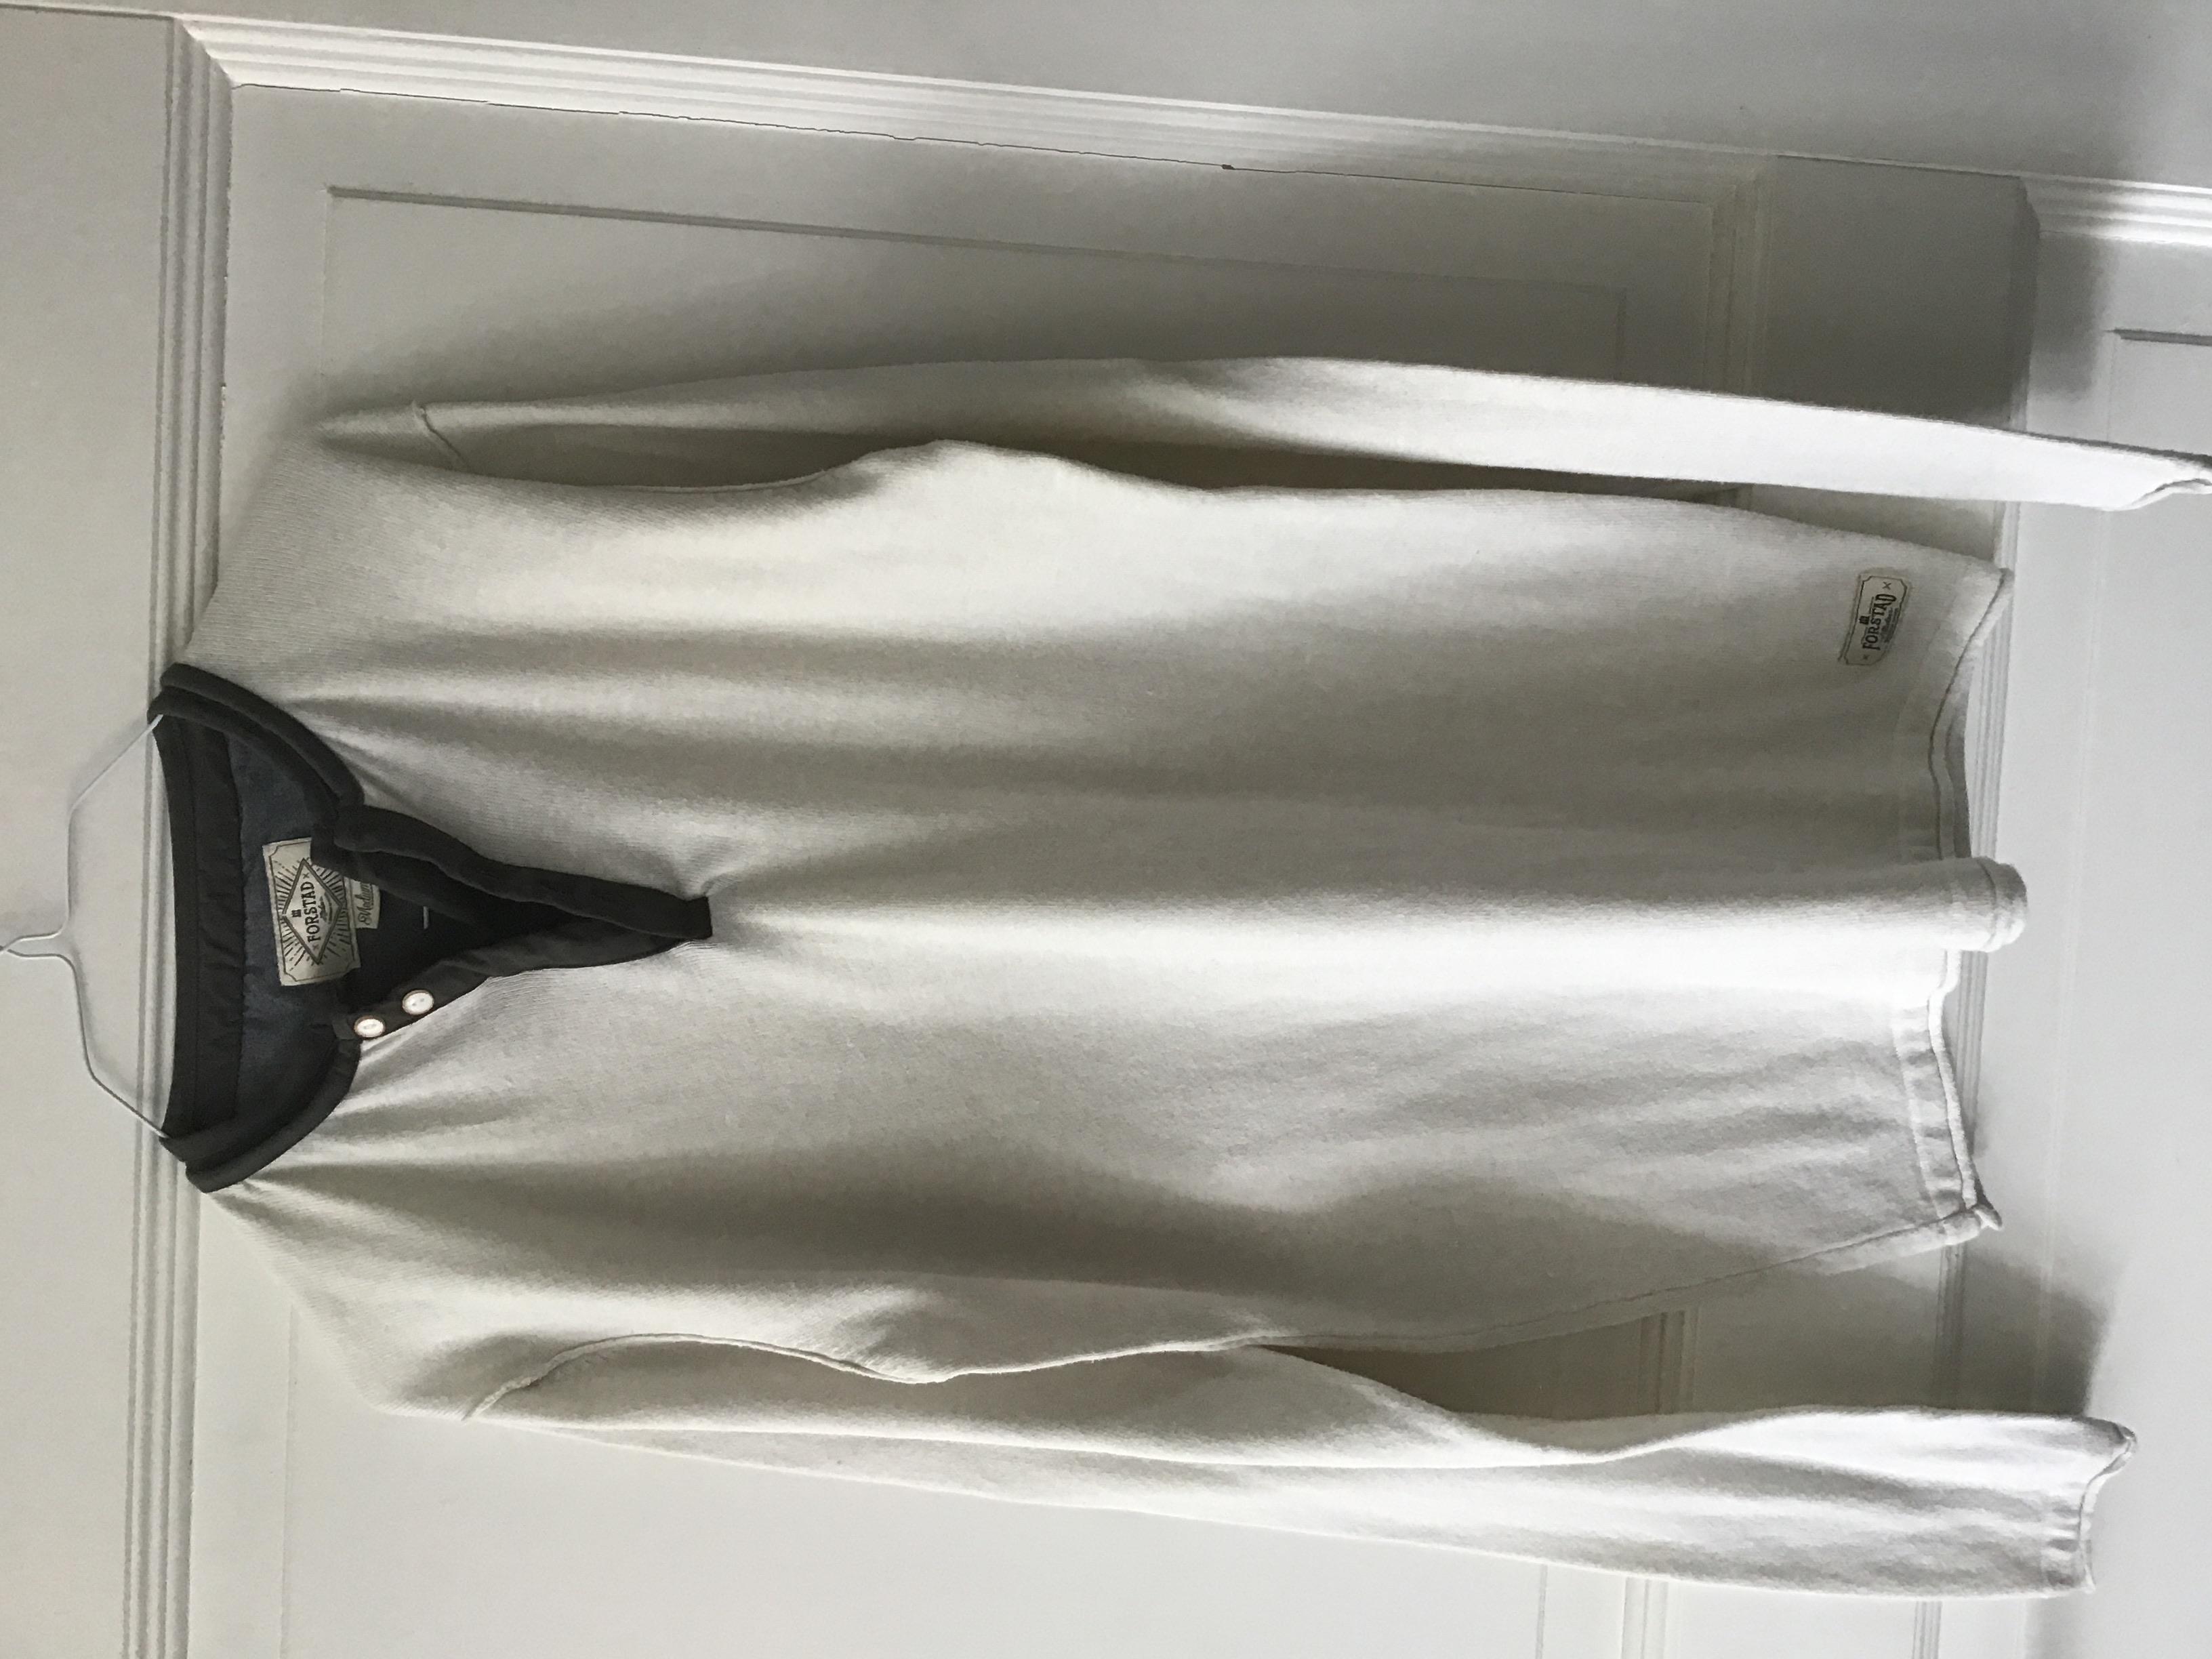 Herrenhemd Jersey M cremefarben  tauschen